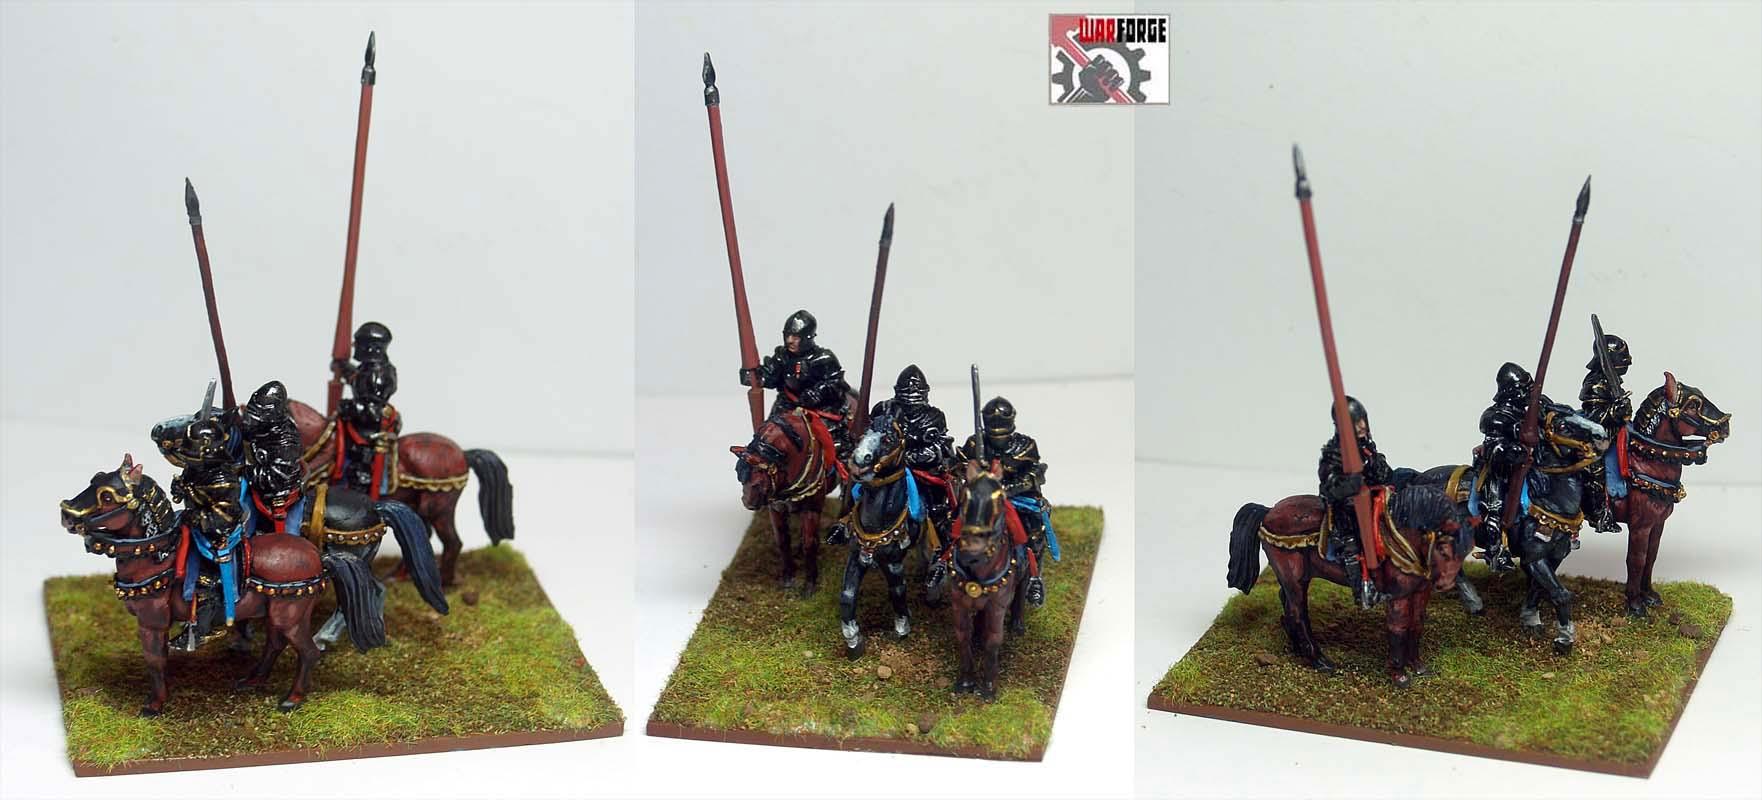 http://www.ljplus.ru/img4/t/r/trommell_of_war/4635.jpg